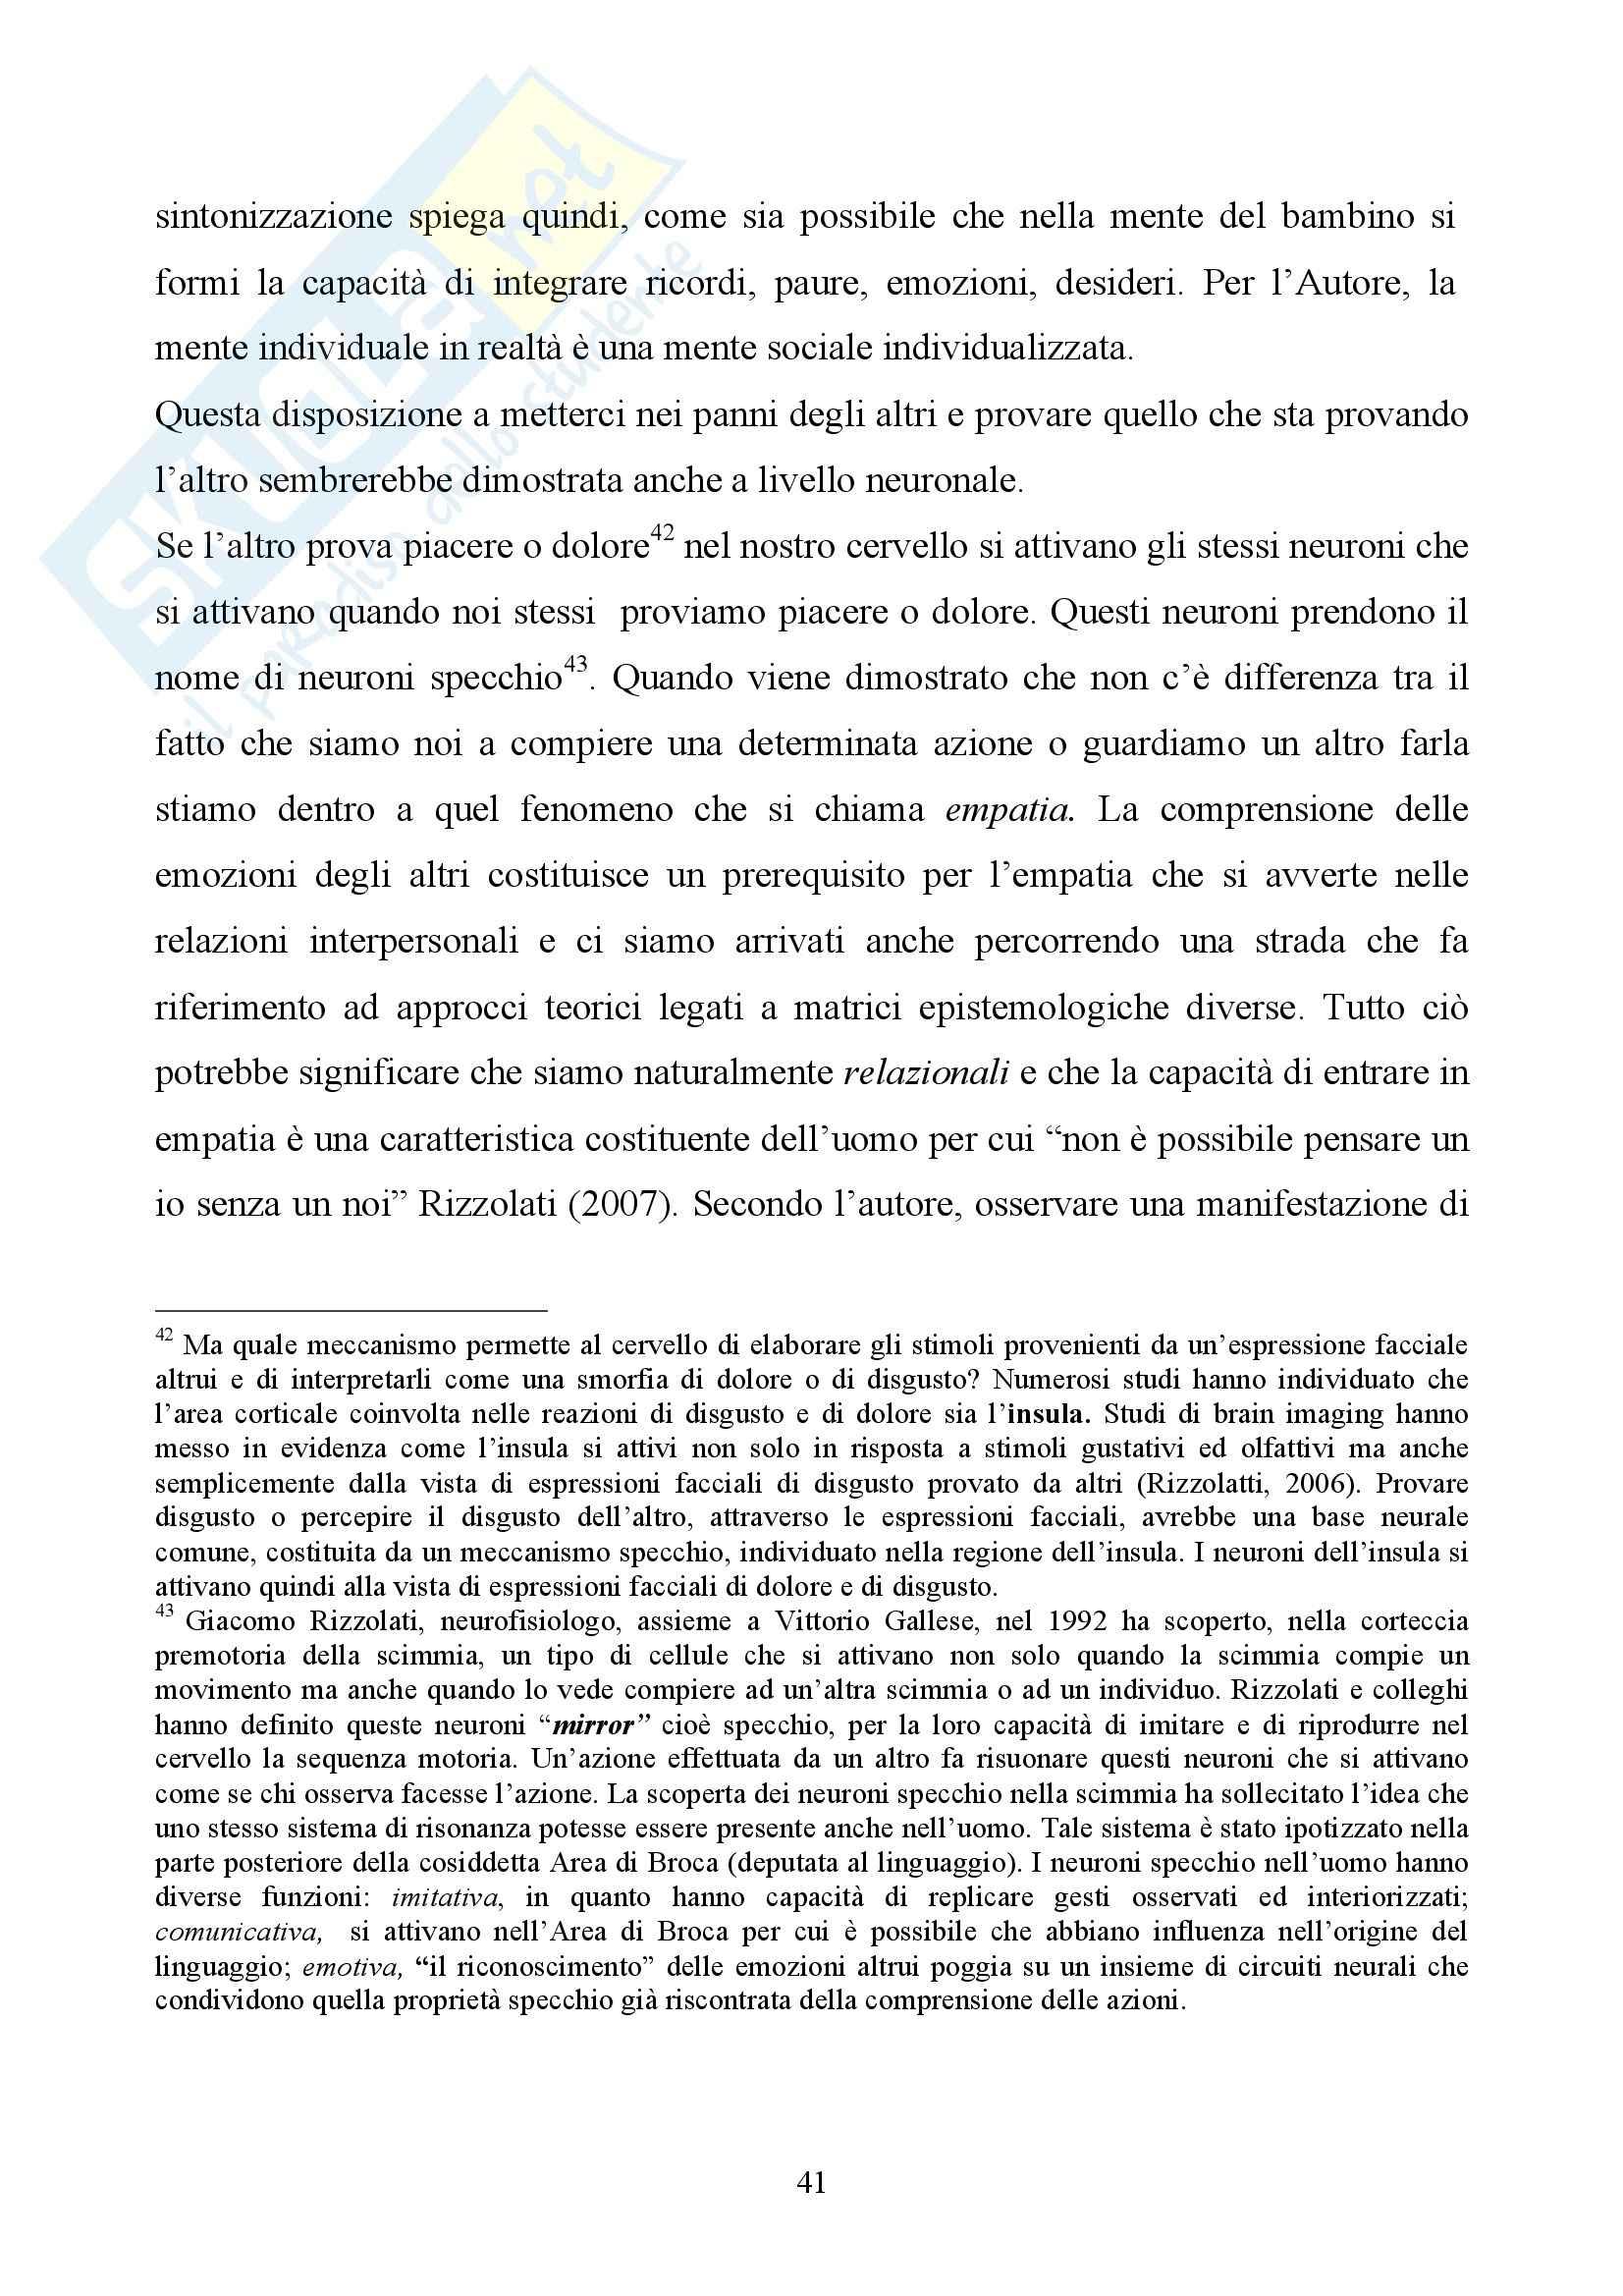 Laboratorio teoria delle emozioni - teorie delle emozioni Pag. 41